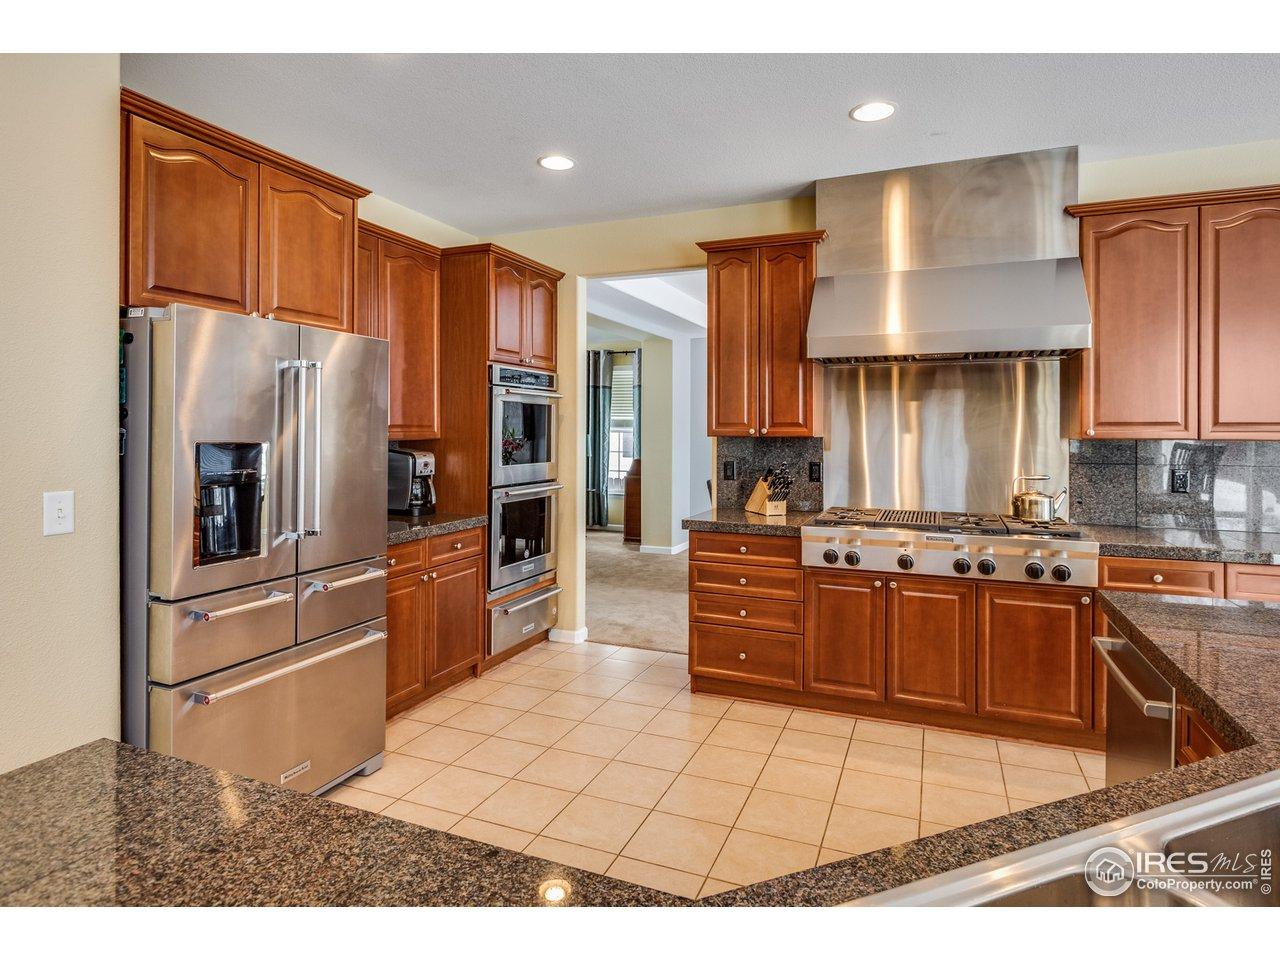 Kitchen Aid commercial grade appliances